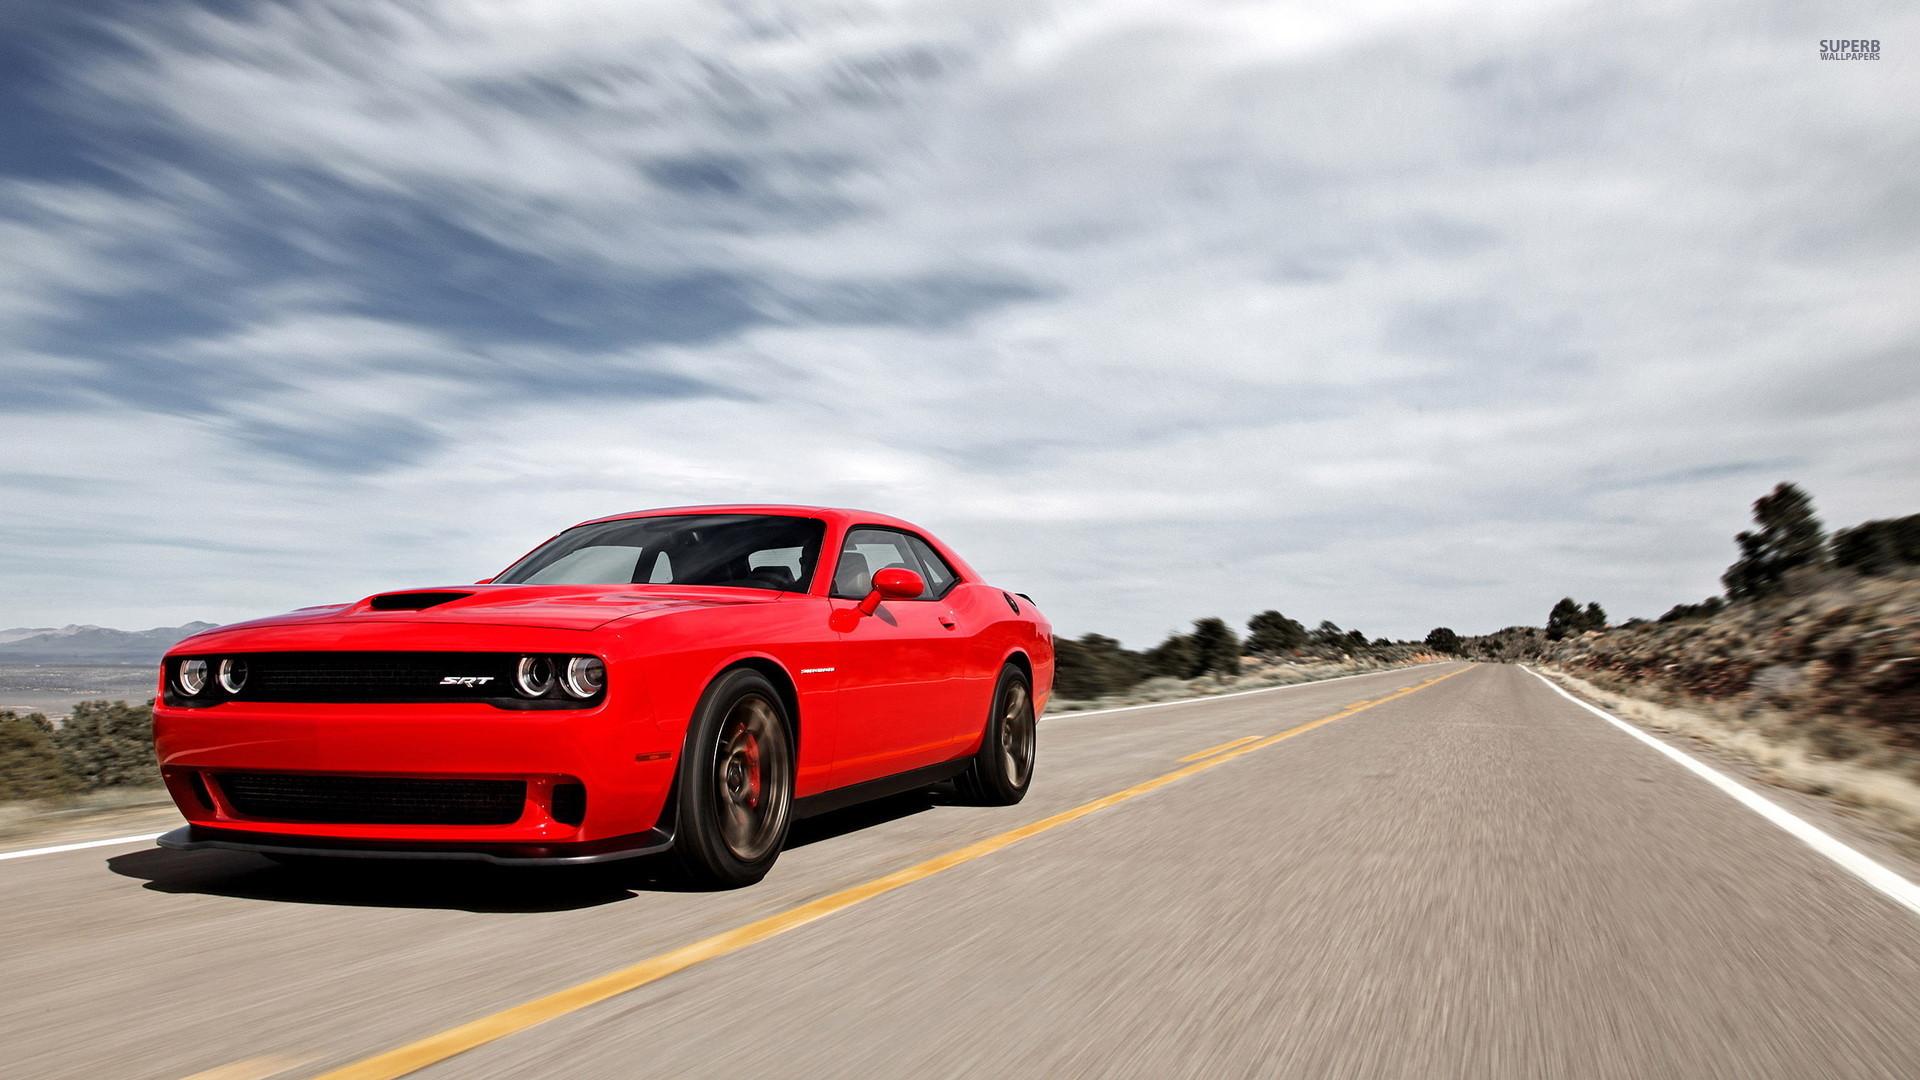 Dodge Challenger Hellcat Wallpaper